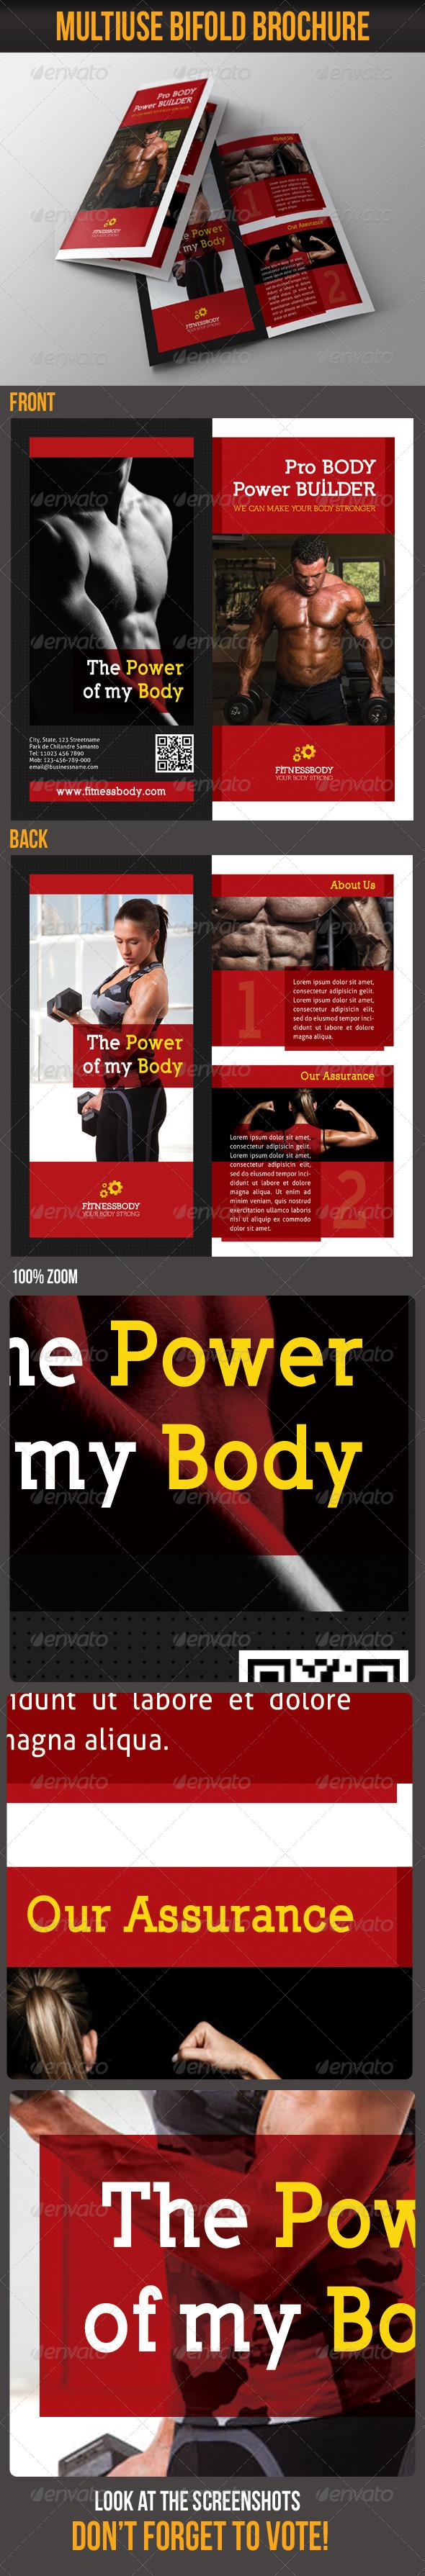 GraphicRiver Multiuse Bifold Brochure 08 6085702